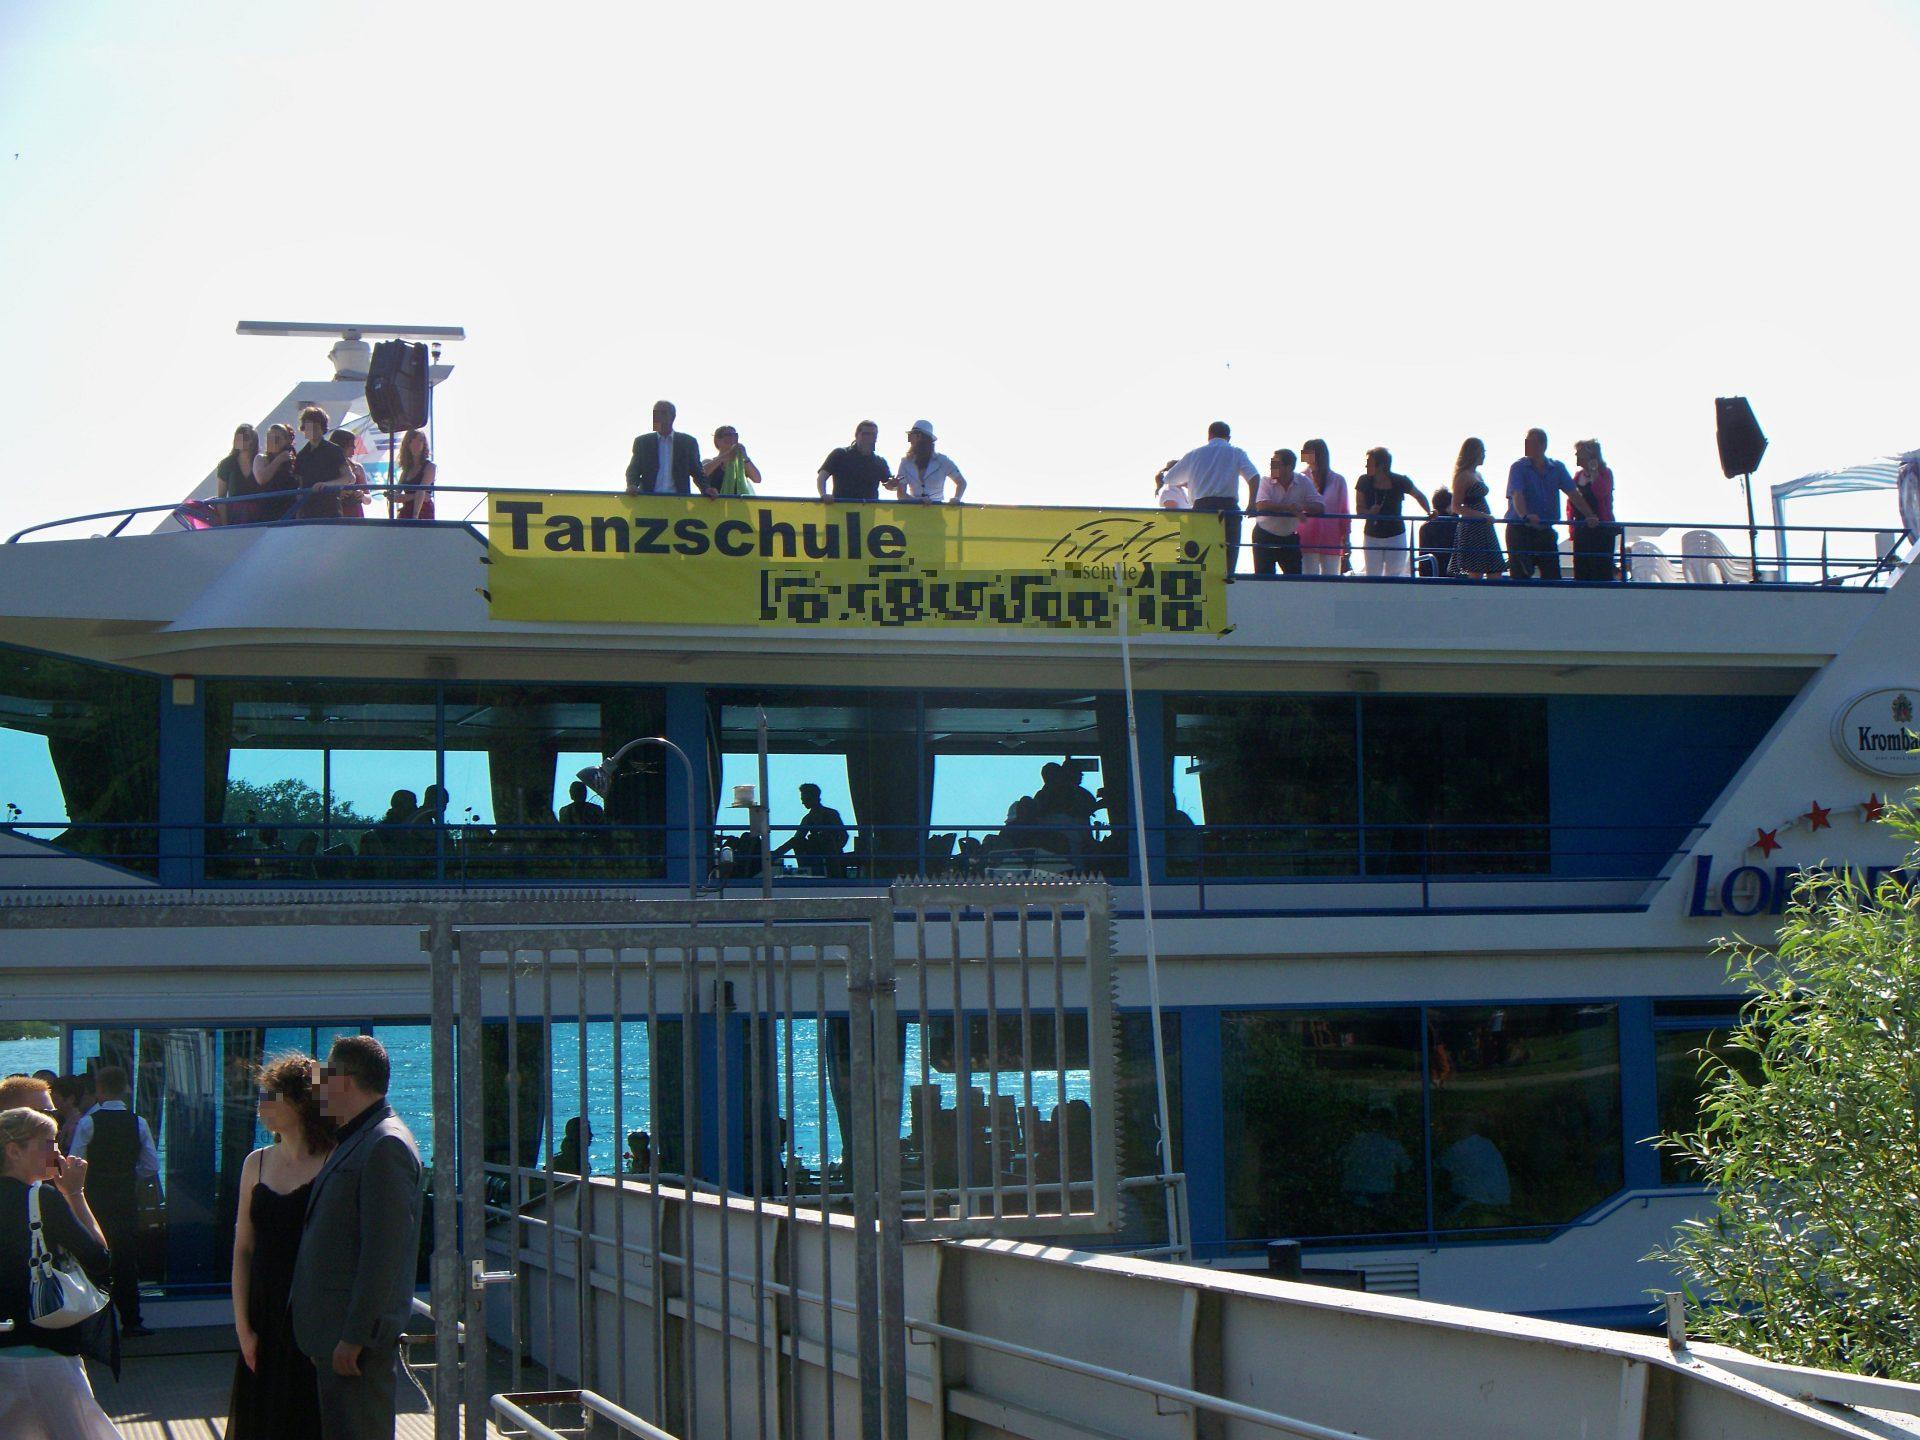 Tanzschulball auf Schiff